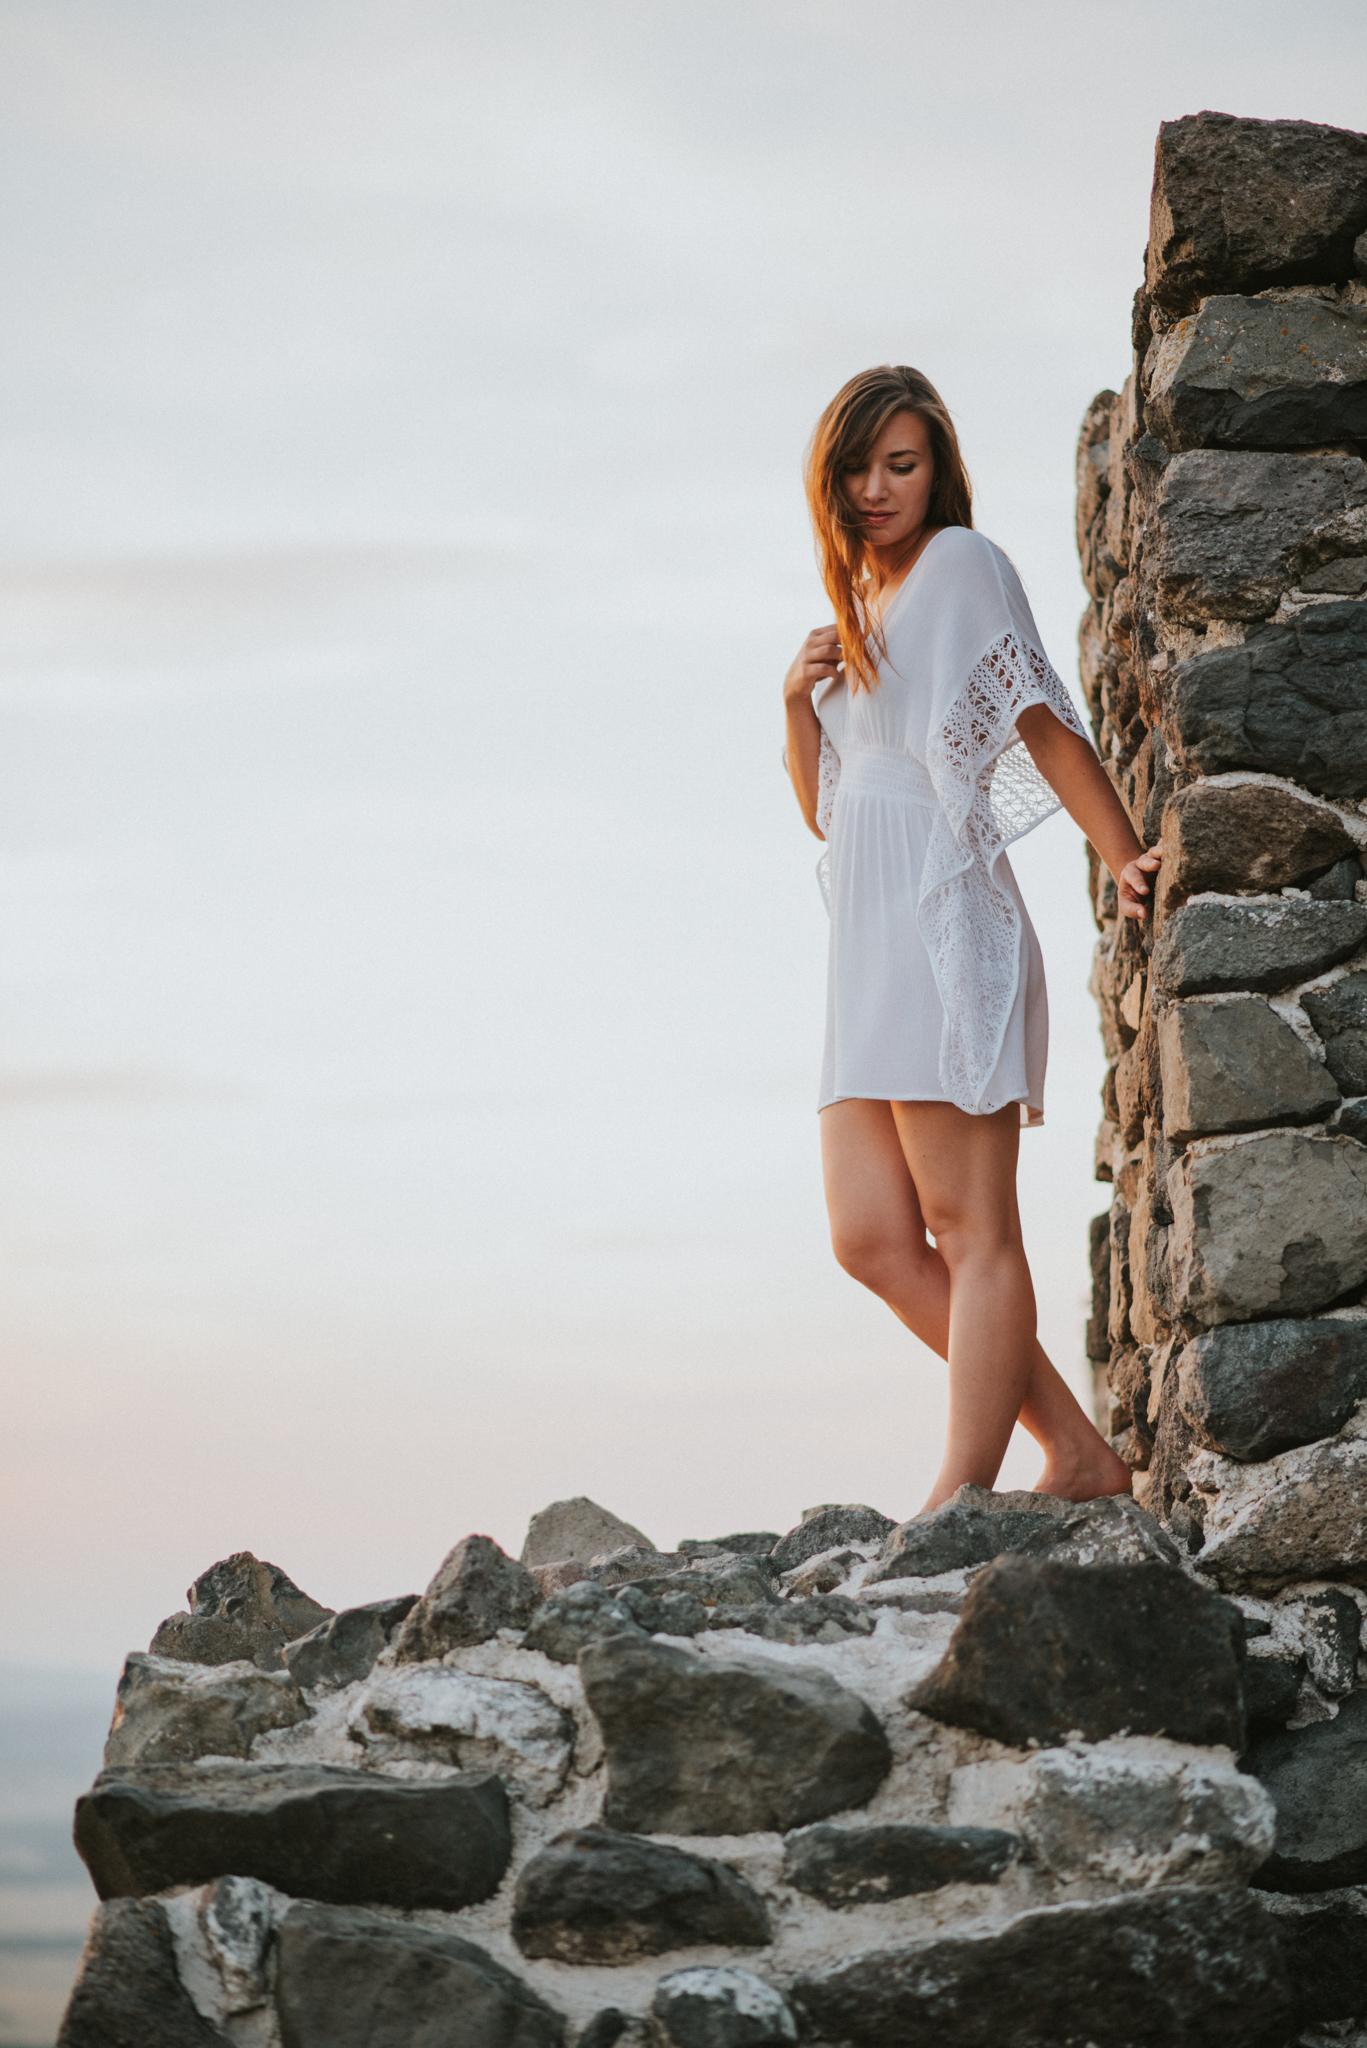 gabor_sallai_Magda_style_shoot-3550